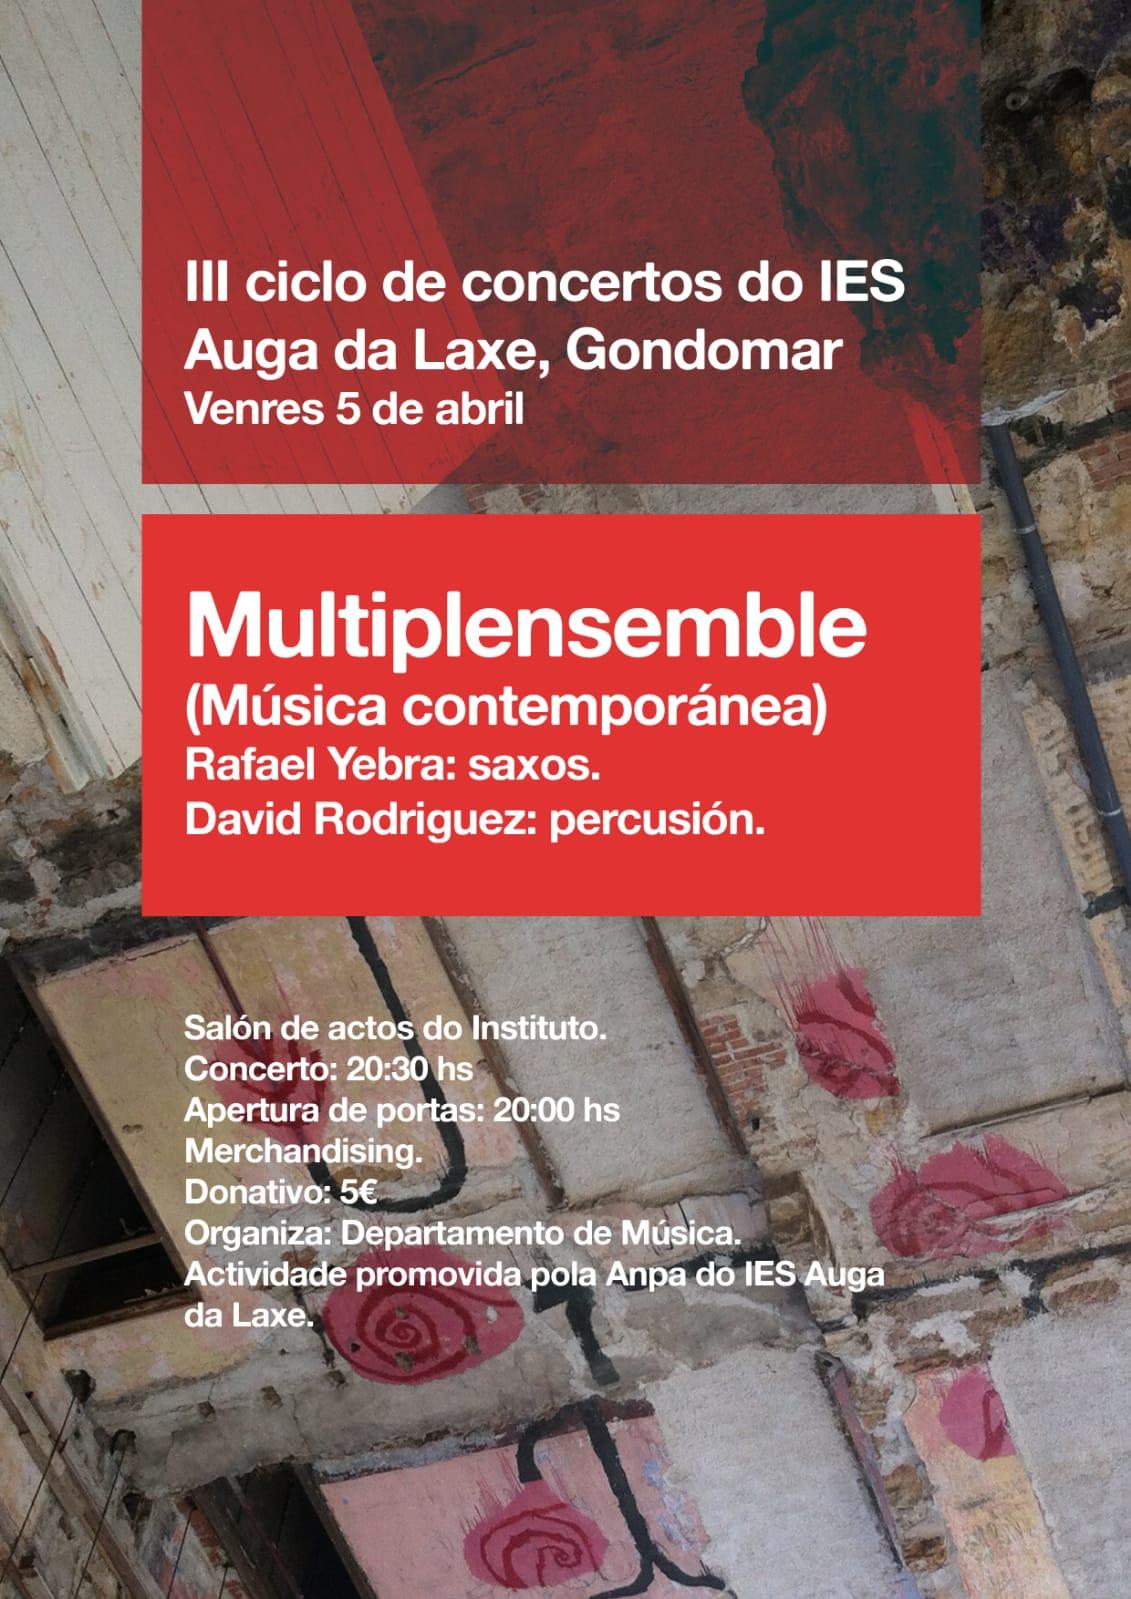 III Ciclo De Concertos IES Auga Da Laxe